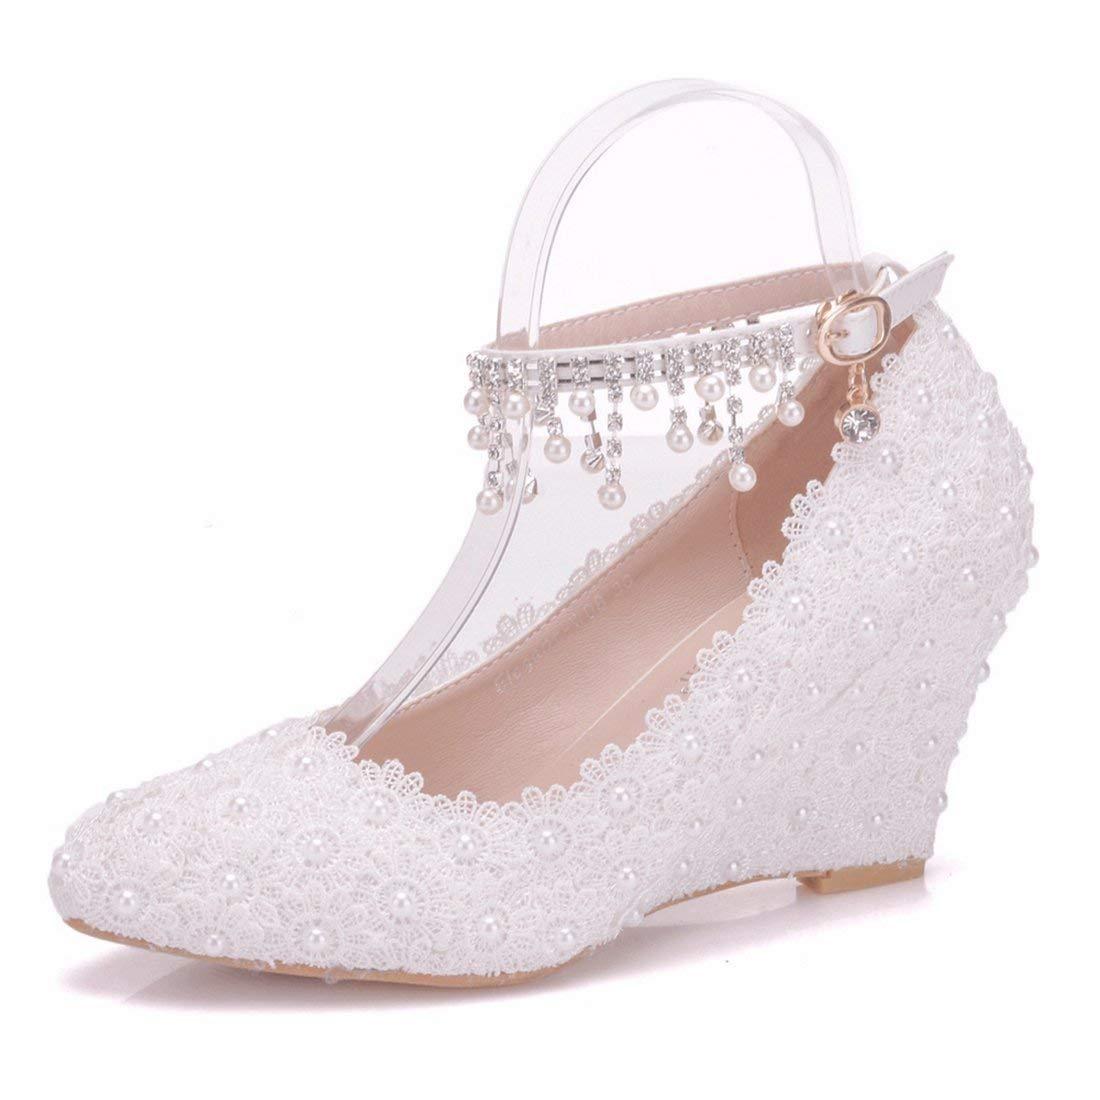 Qiusa Damen Spitze Blaumen besetzt Wedge High Heel Knöchel Ketten Elfenbein Hochzeit Schuhe UK 4.5 (Farbe   - Größe   -)